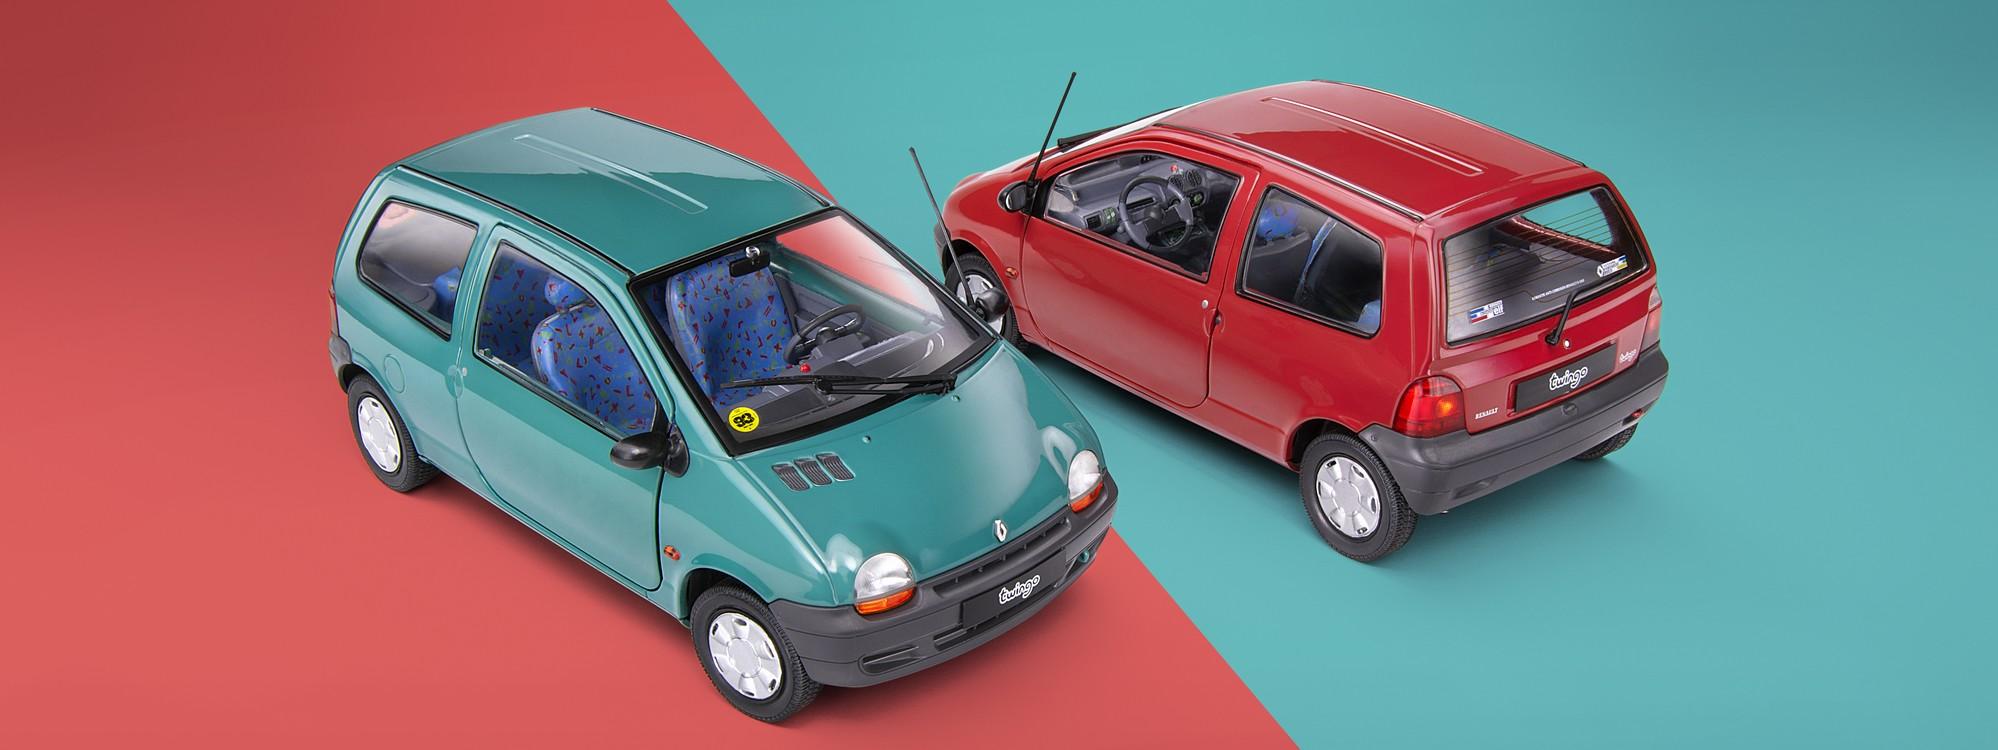 Slide - S1804001 - S1804002 - Twingos